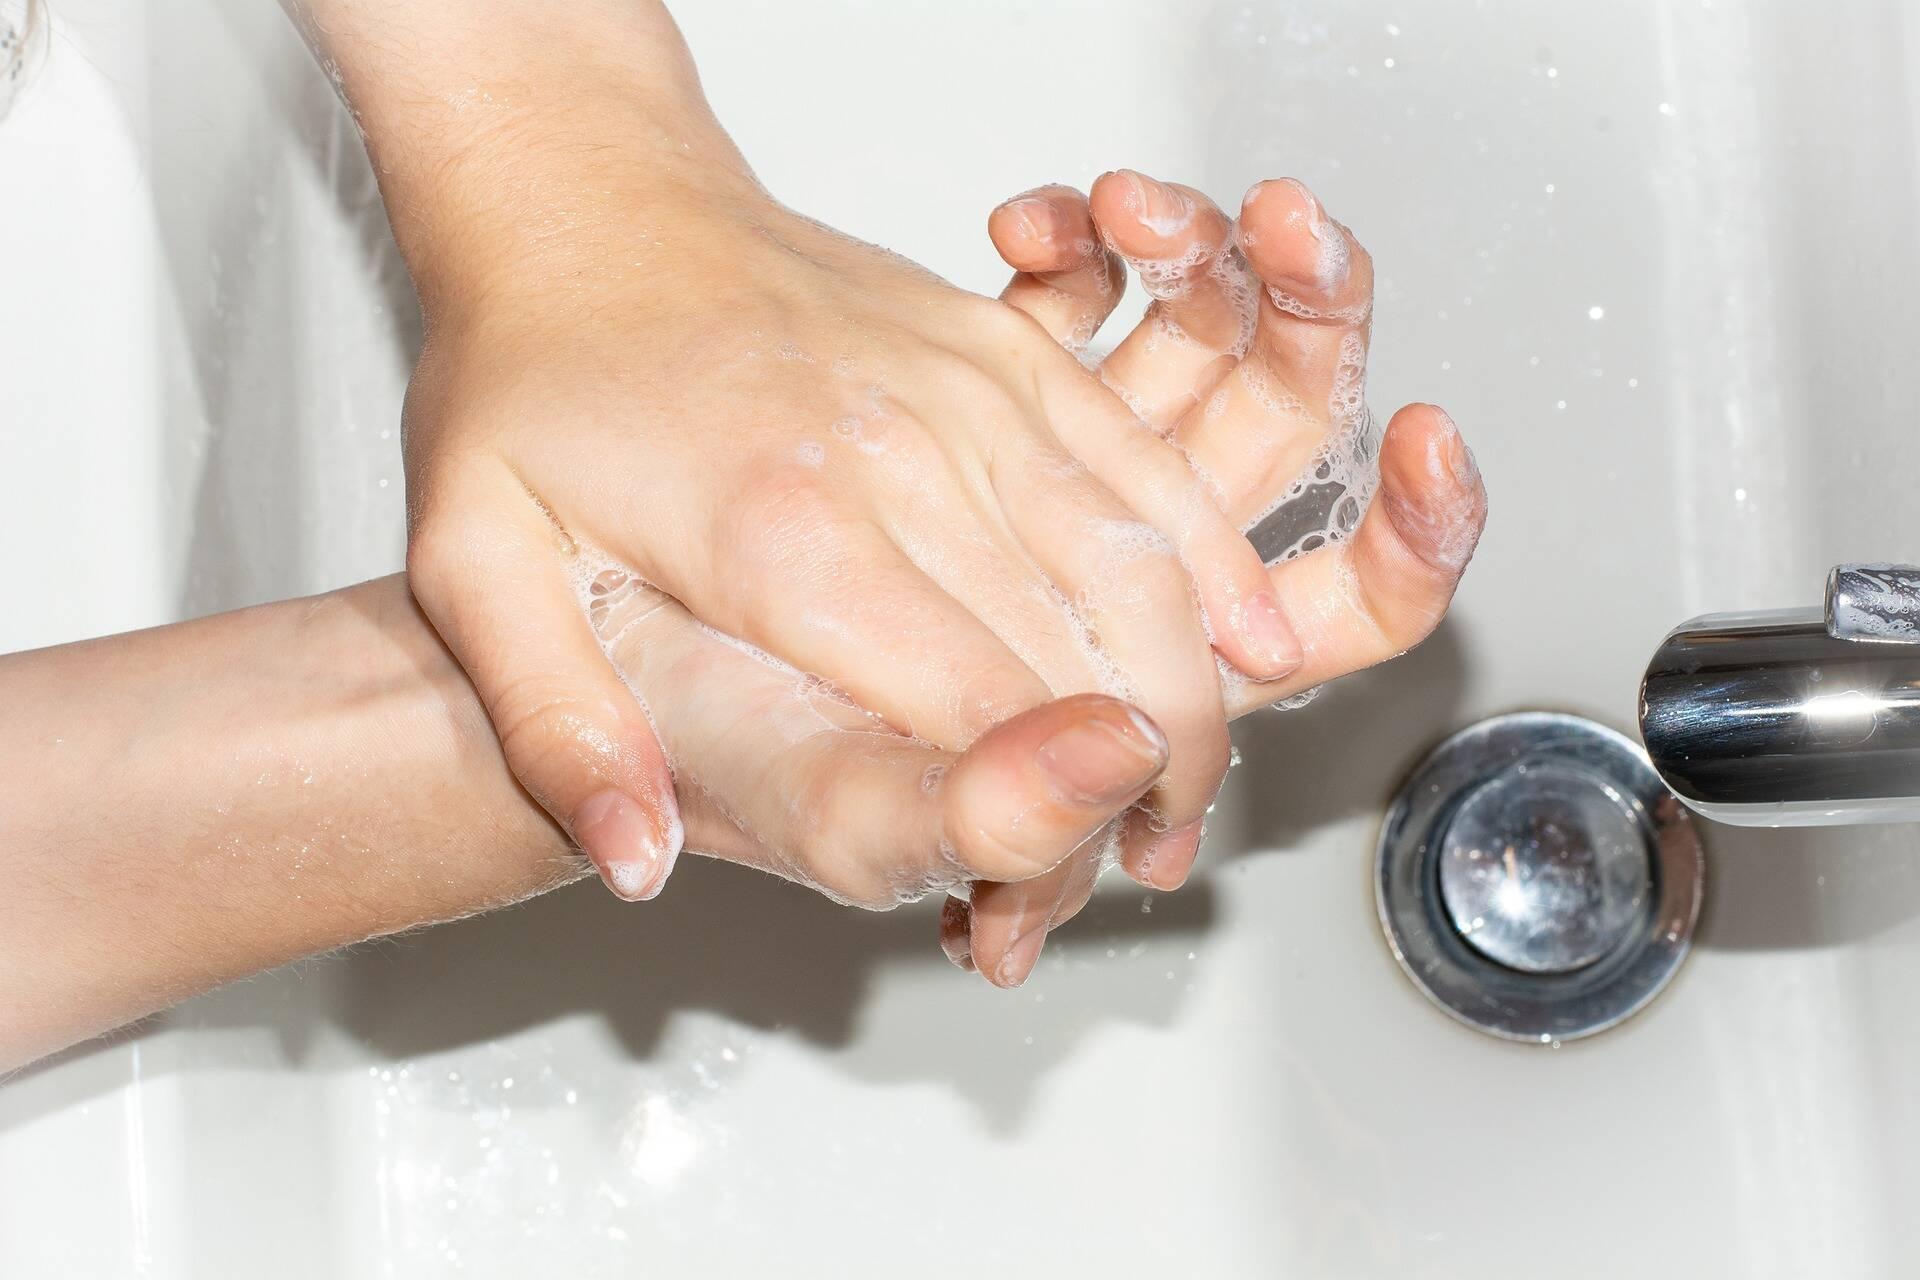 Медики рекомендуют тщательно мыть руки, чтобы не заразиться острыми кишечными инфекциями